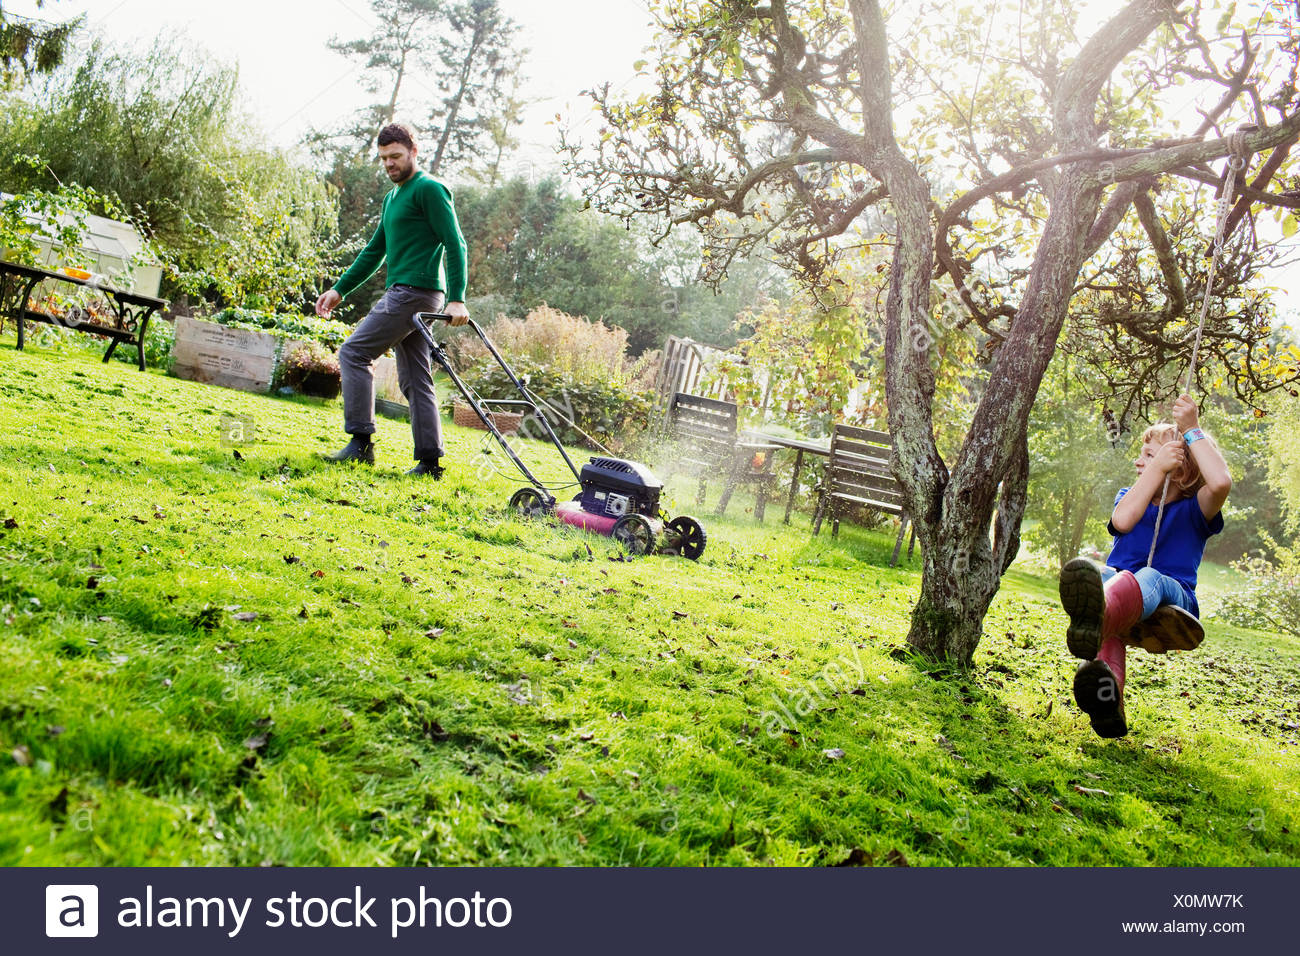 La Suède, Skane, Osterlen, Borrby, père et fils (4-5) dans le jardin intérieur Photo Stock